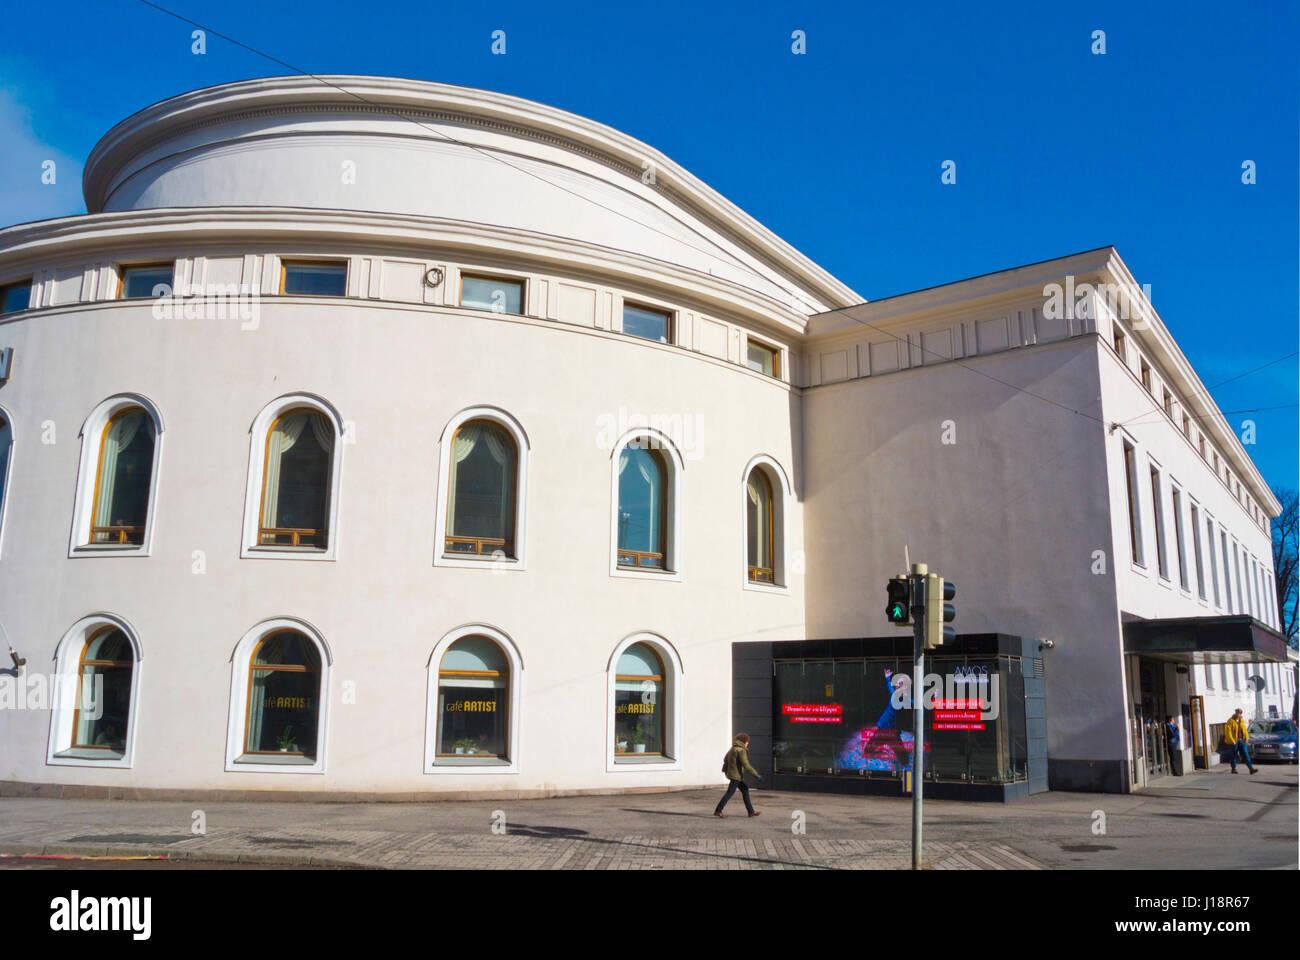 Svenska Teatern, Ruotsalainen Teatteri, Swedish Theatre, Helsinki, Finland - Stock Image